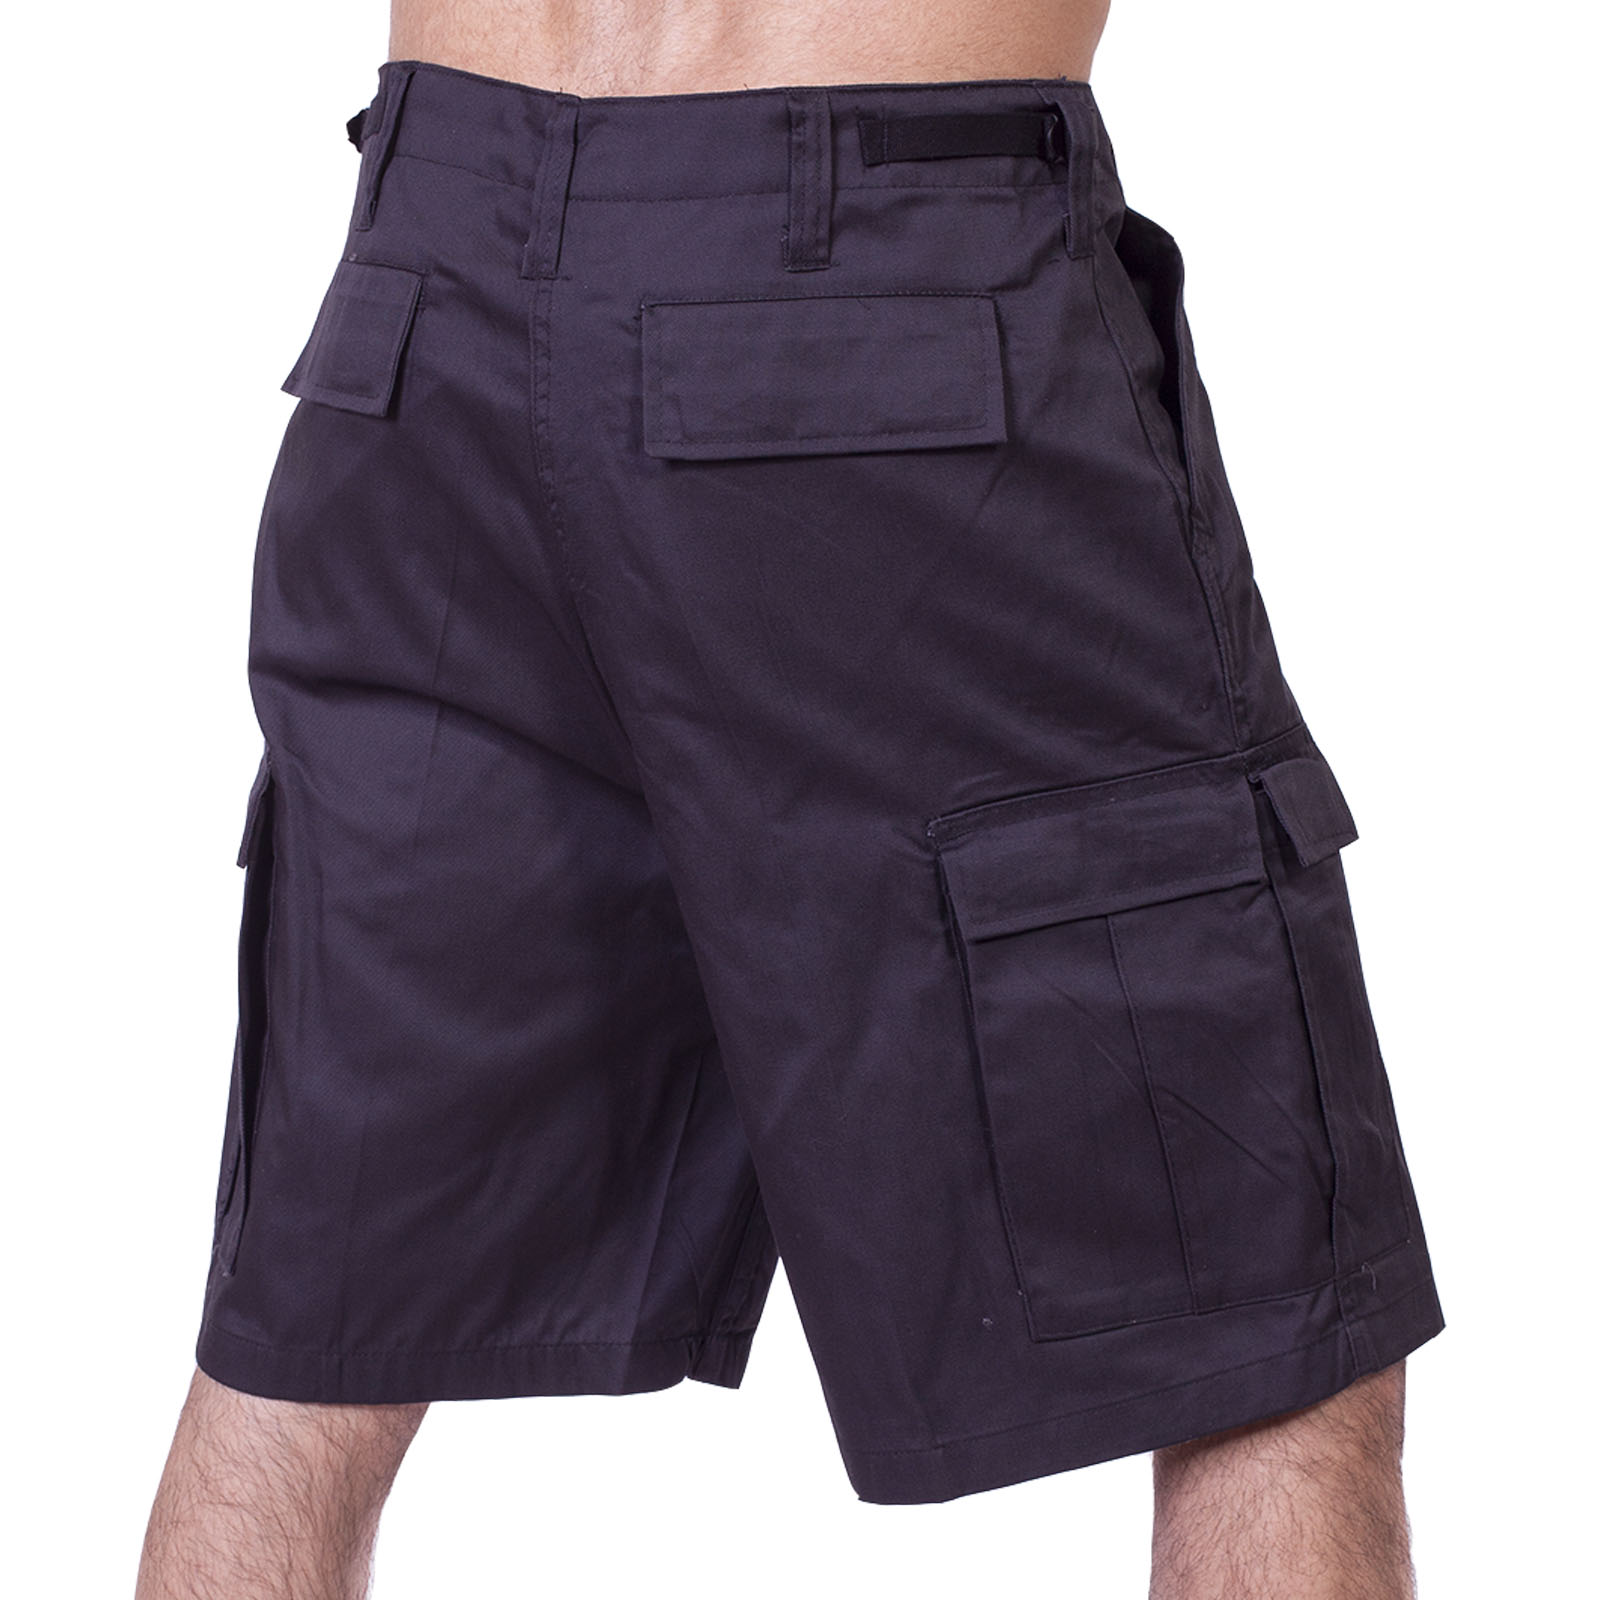 Заказать с доставкой однотонные мужские шорты карго для города